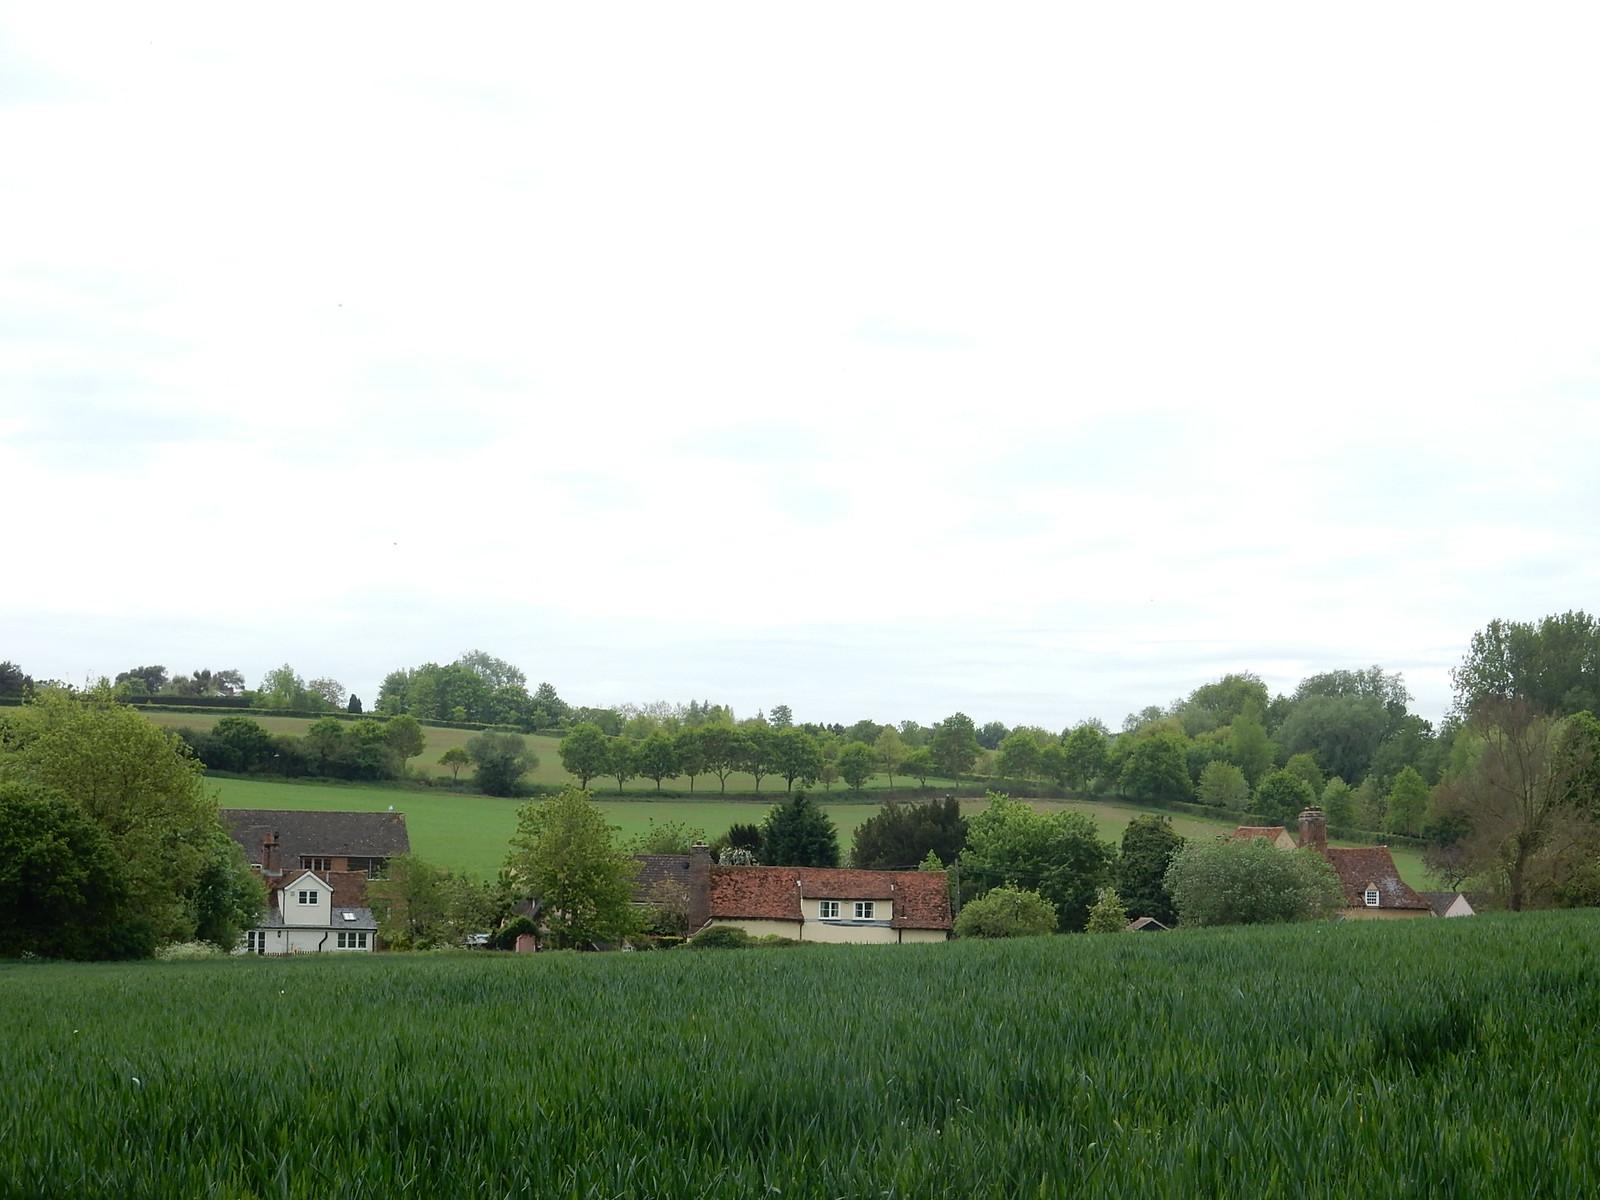 Settlement Bures to Sudbury